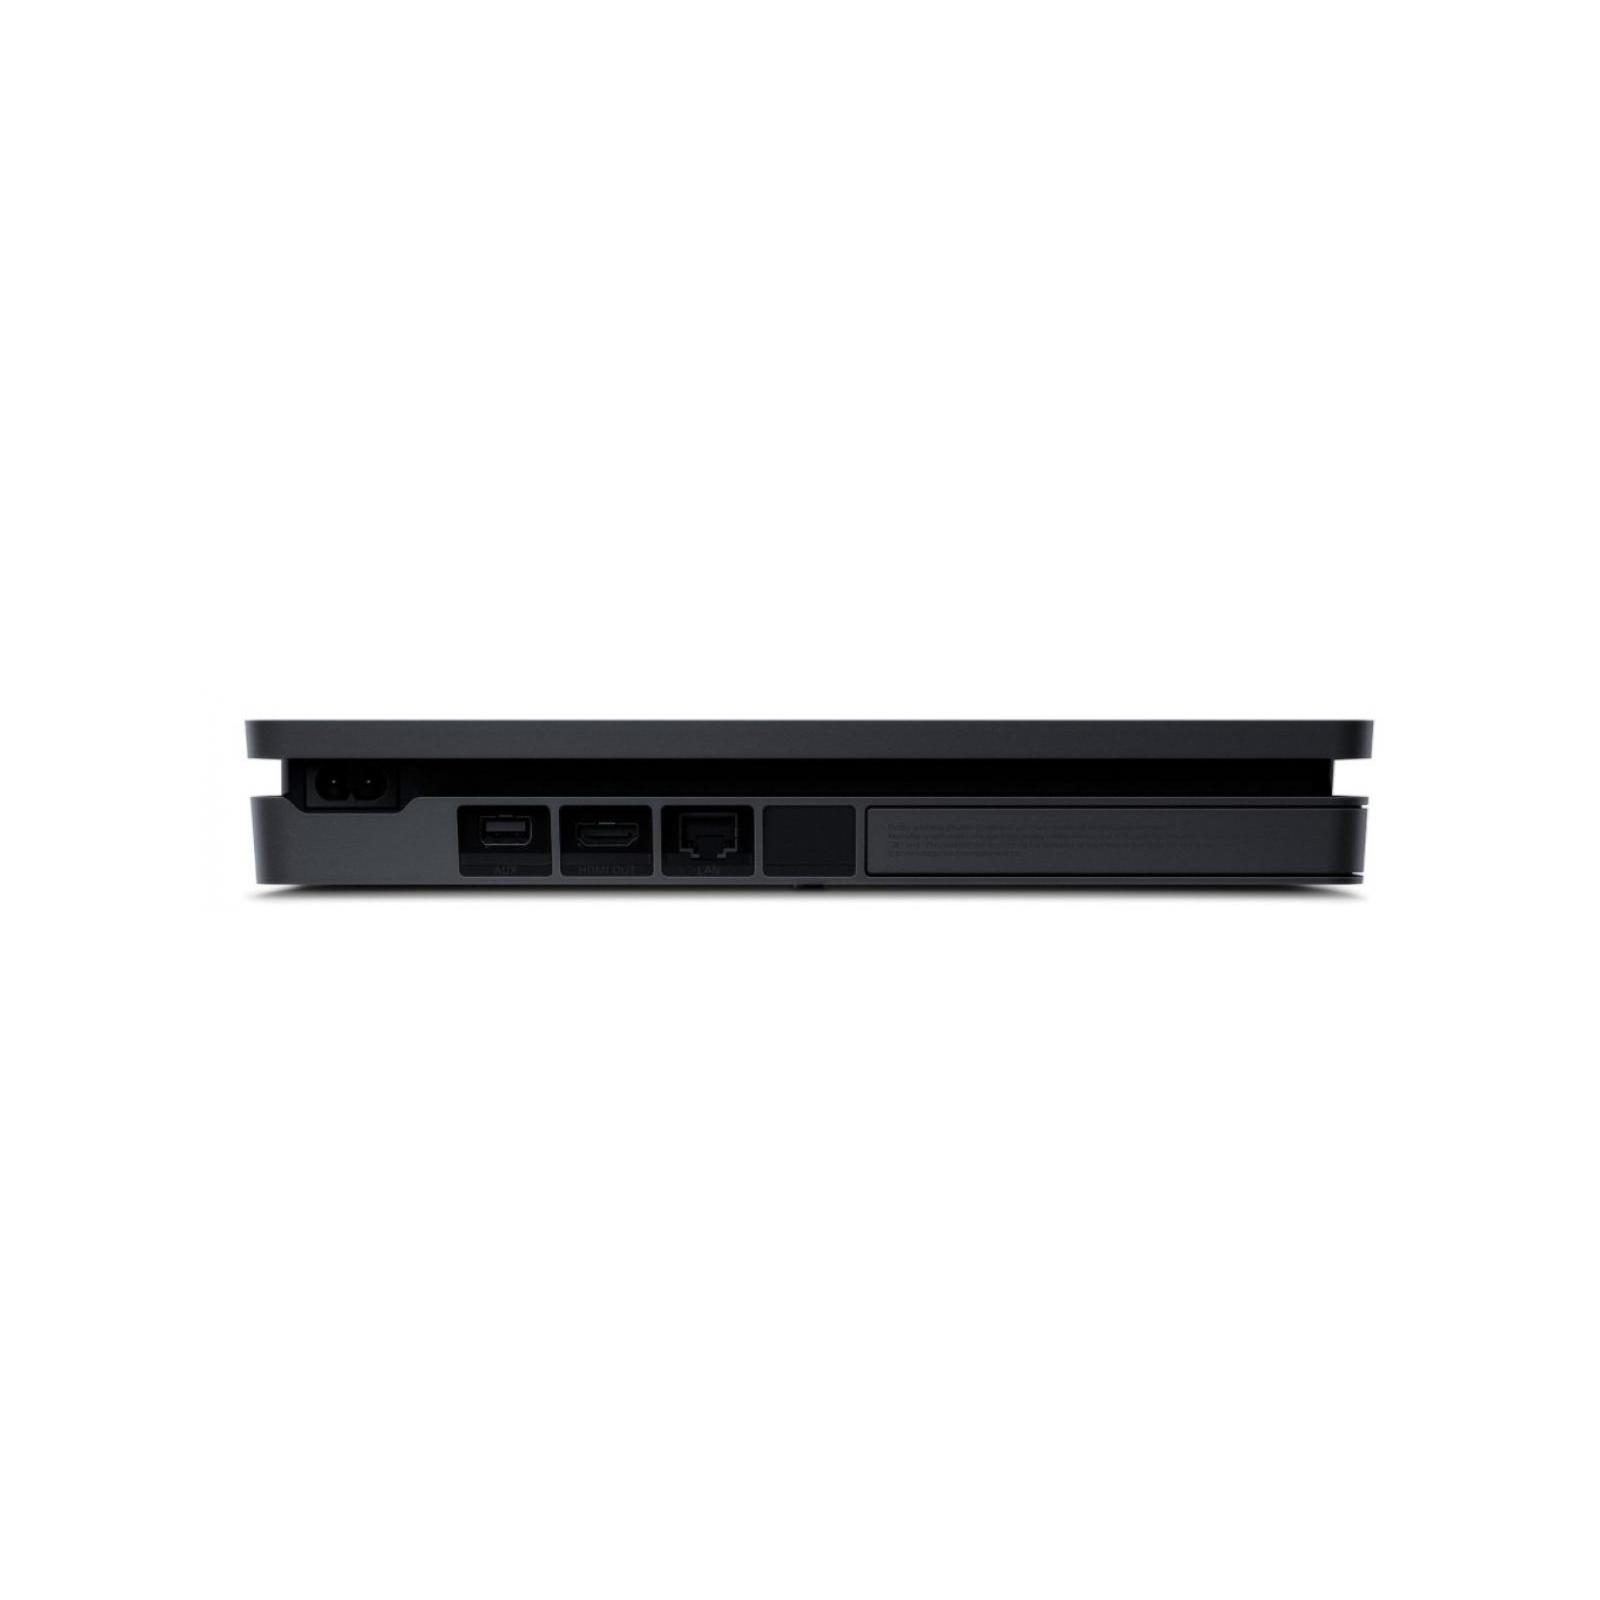 Игровая консоль Sony PlayStation 4 Slim 1Tb Black (God of War) (9385172) изображение 7